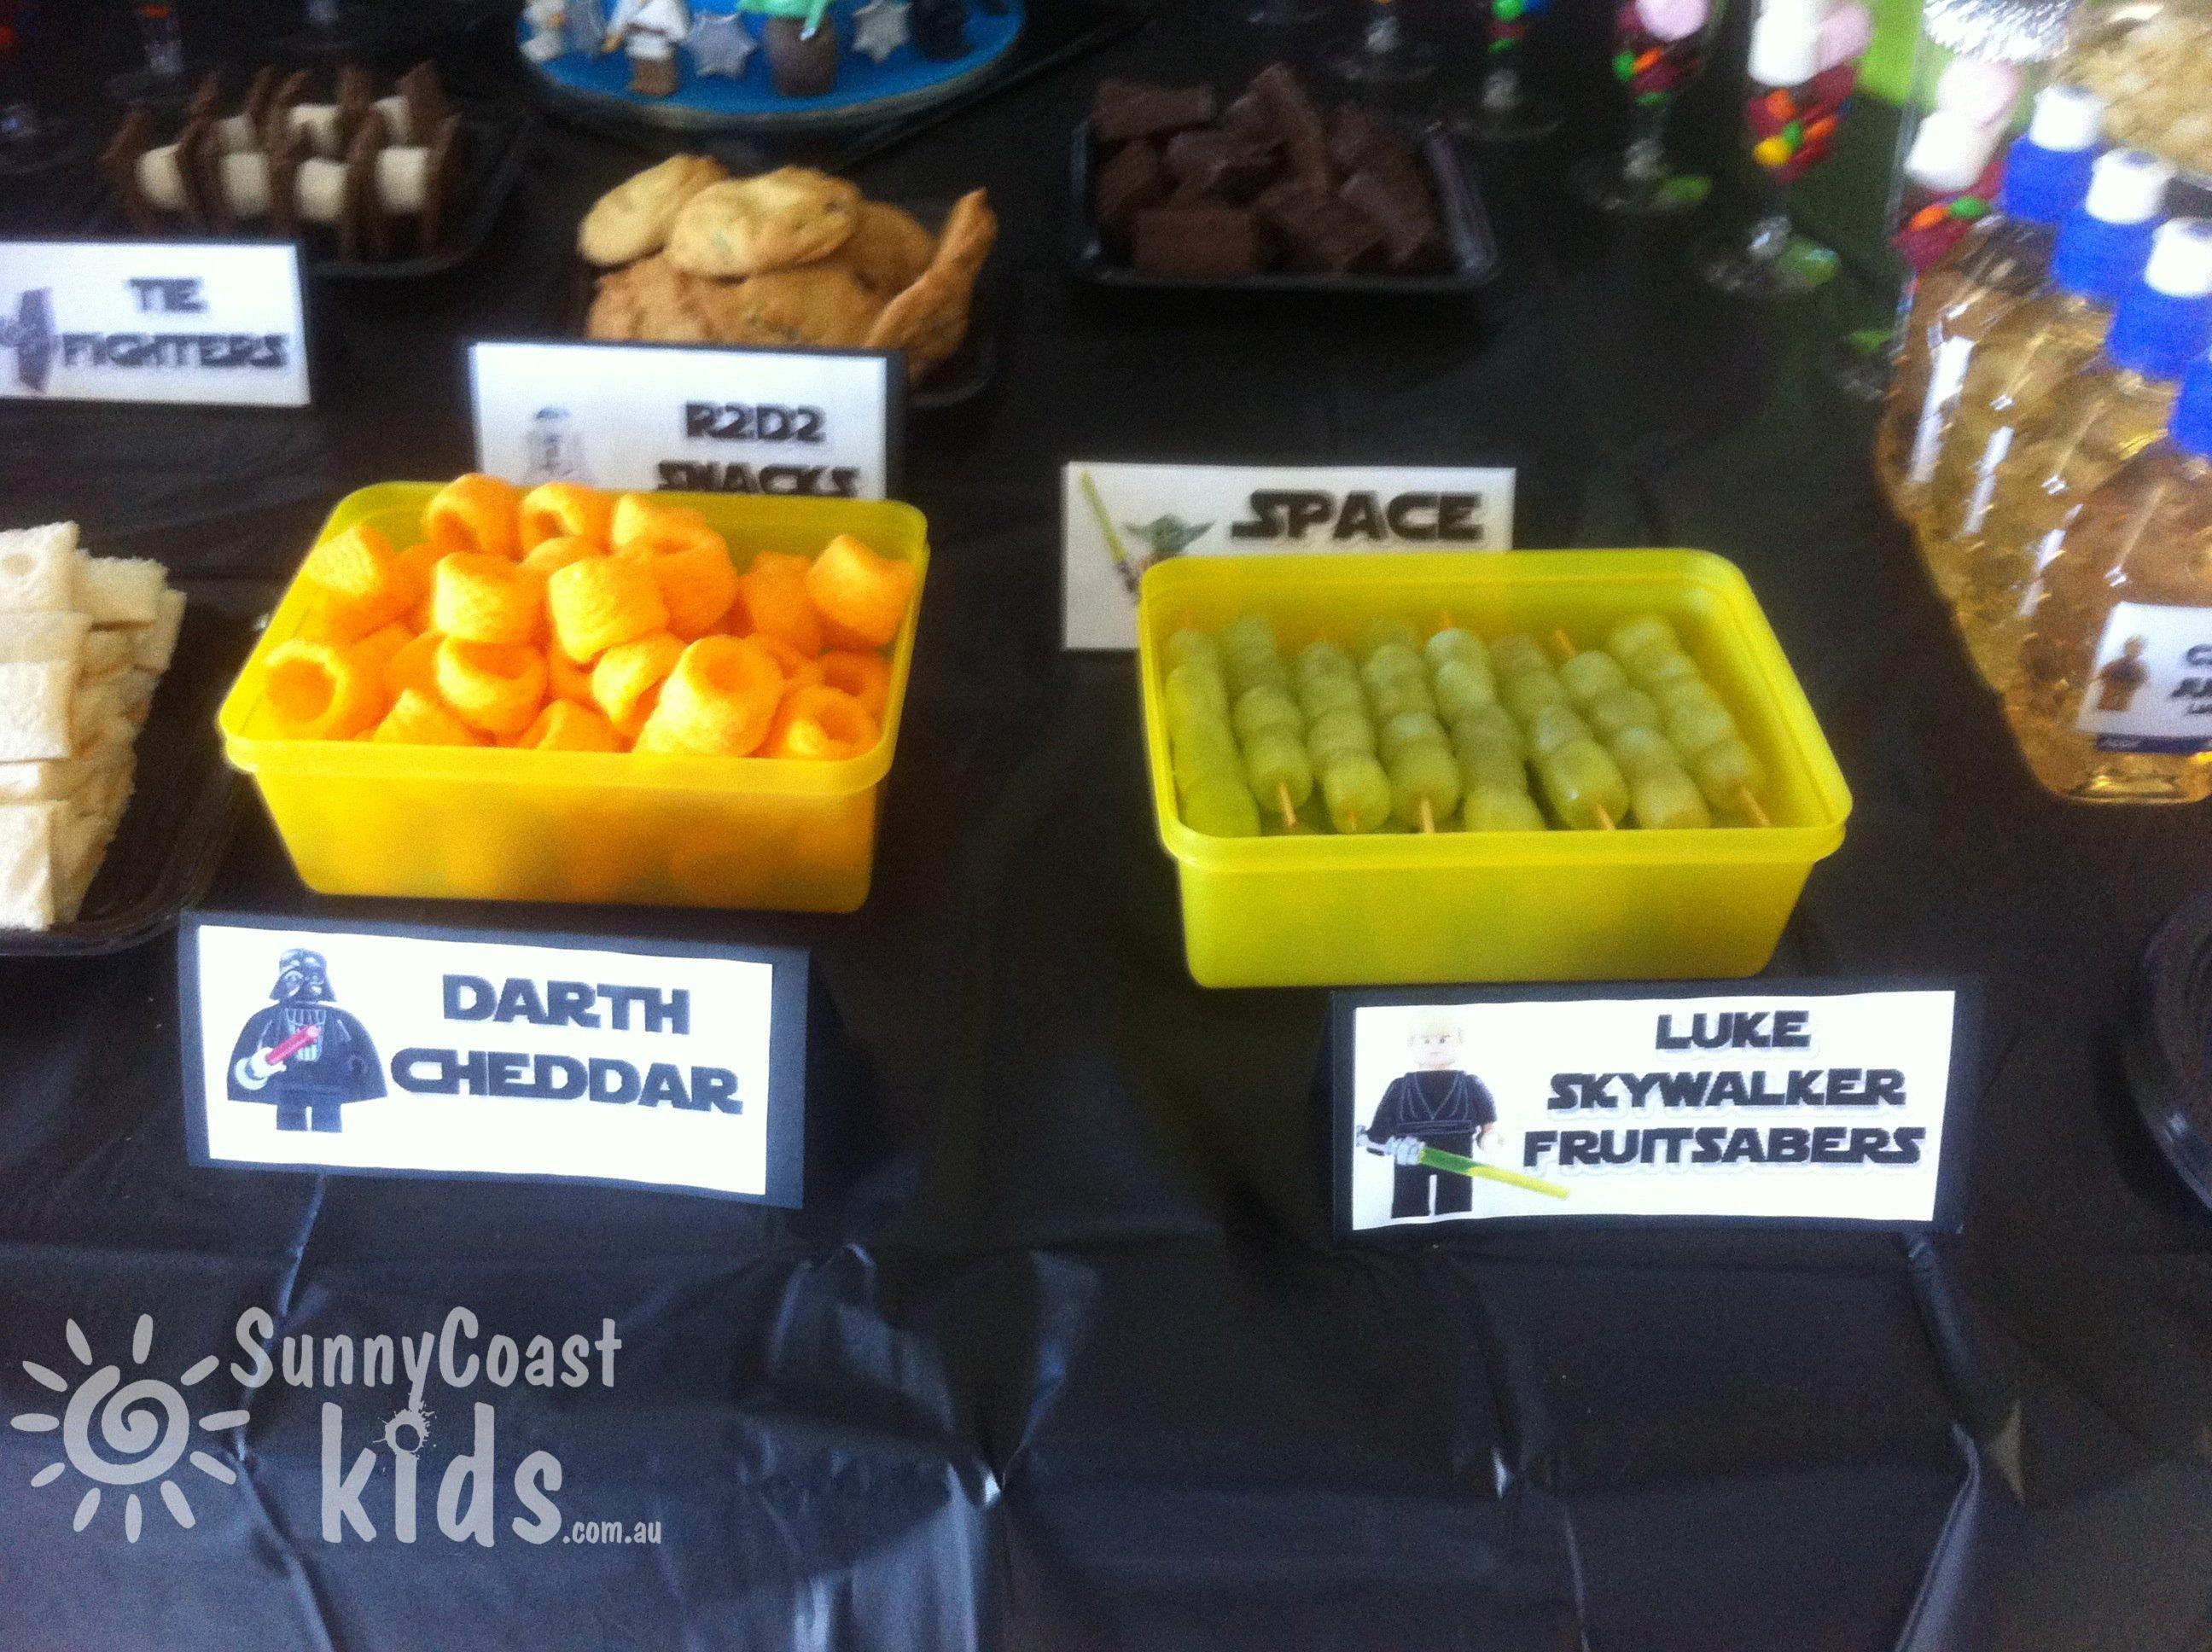 Star Wars Food Names